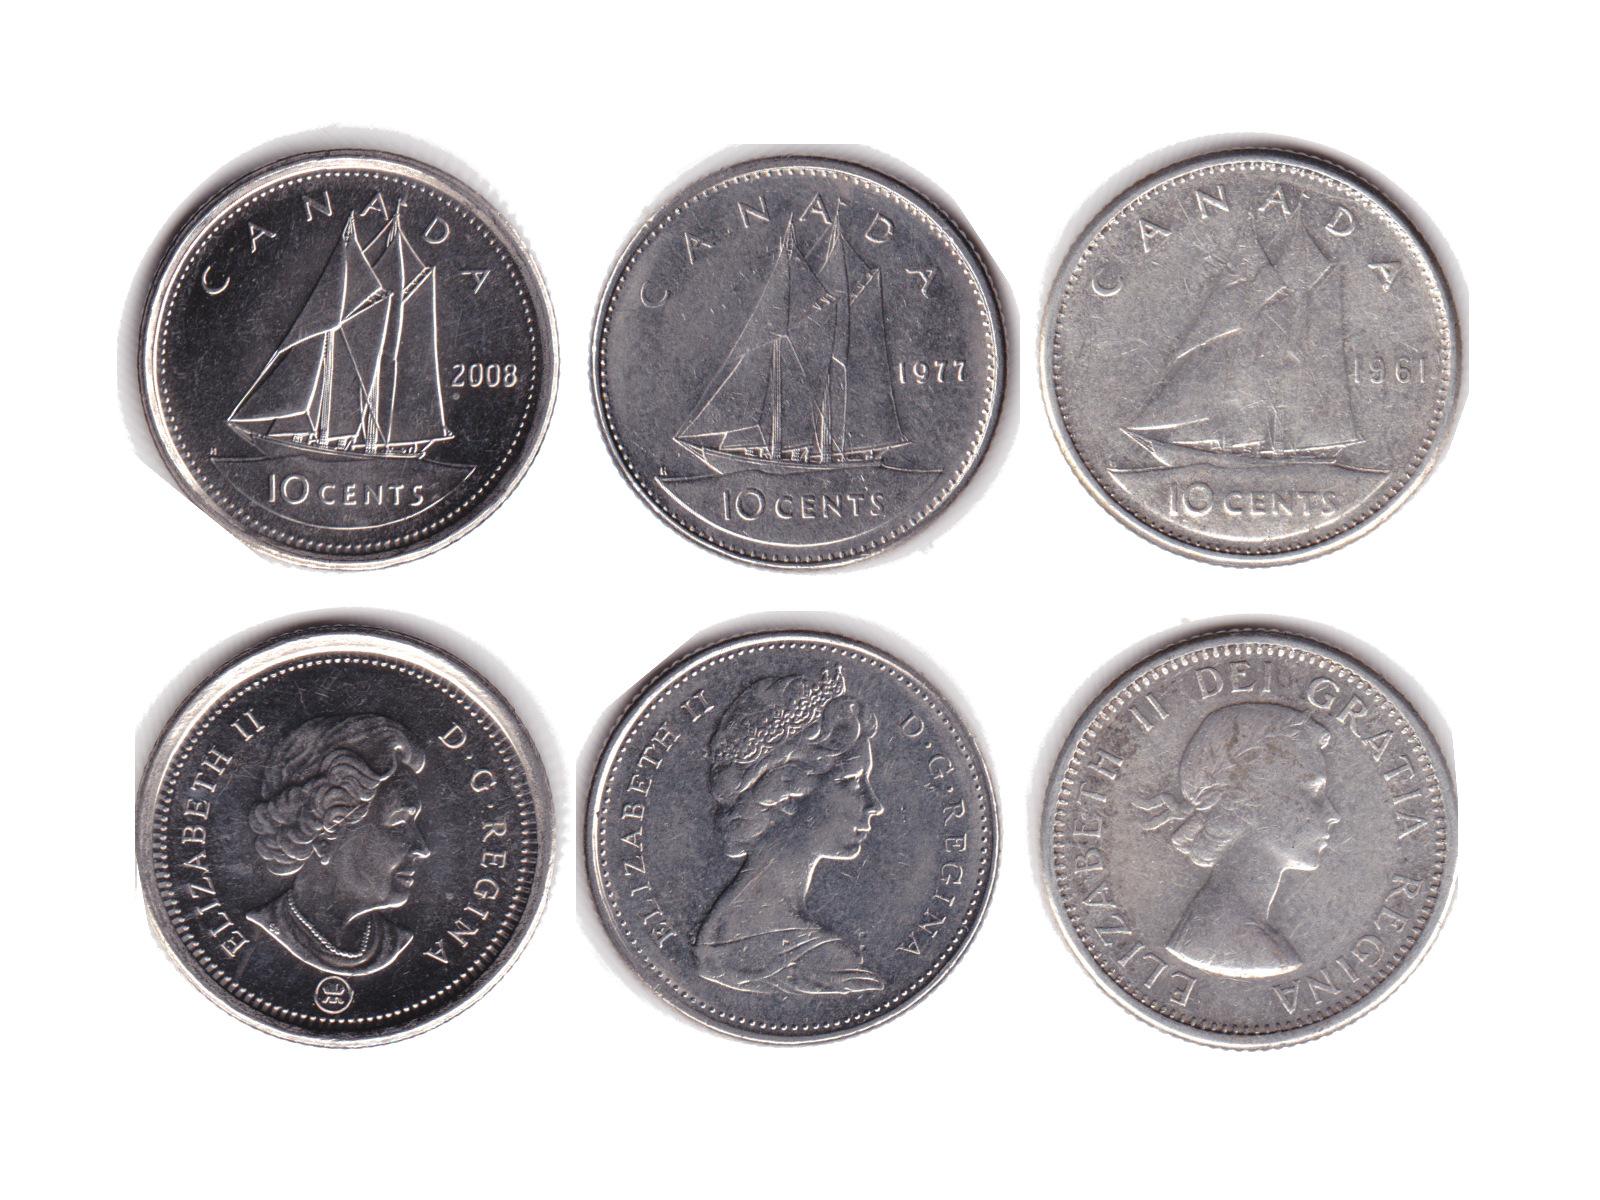 カナダ10Centsコイン エリザベス女王の肖像に注目_c0027285_11185016.jpg